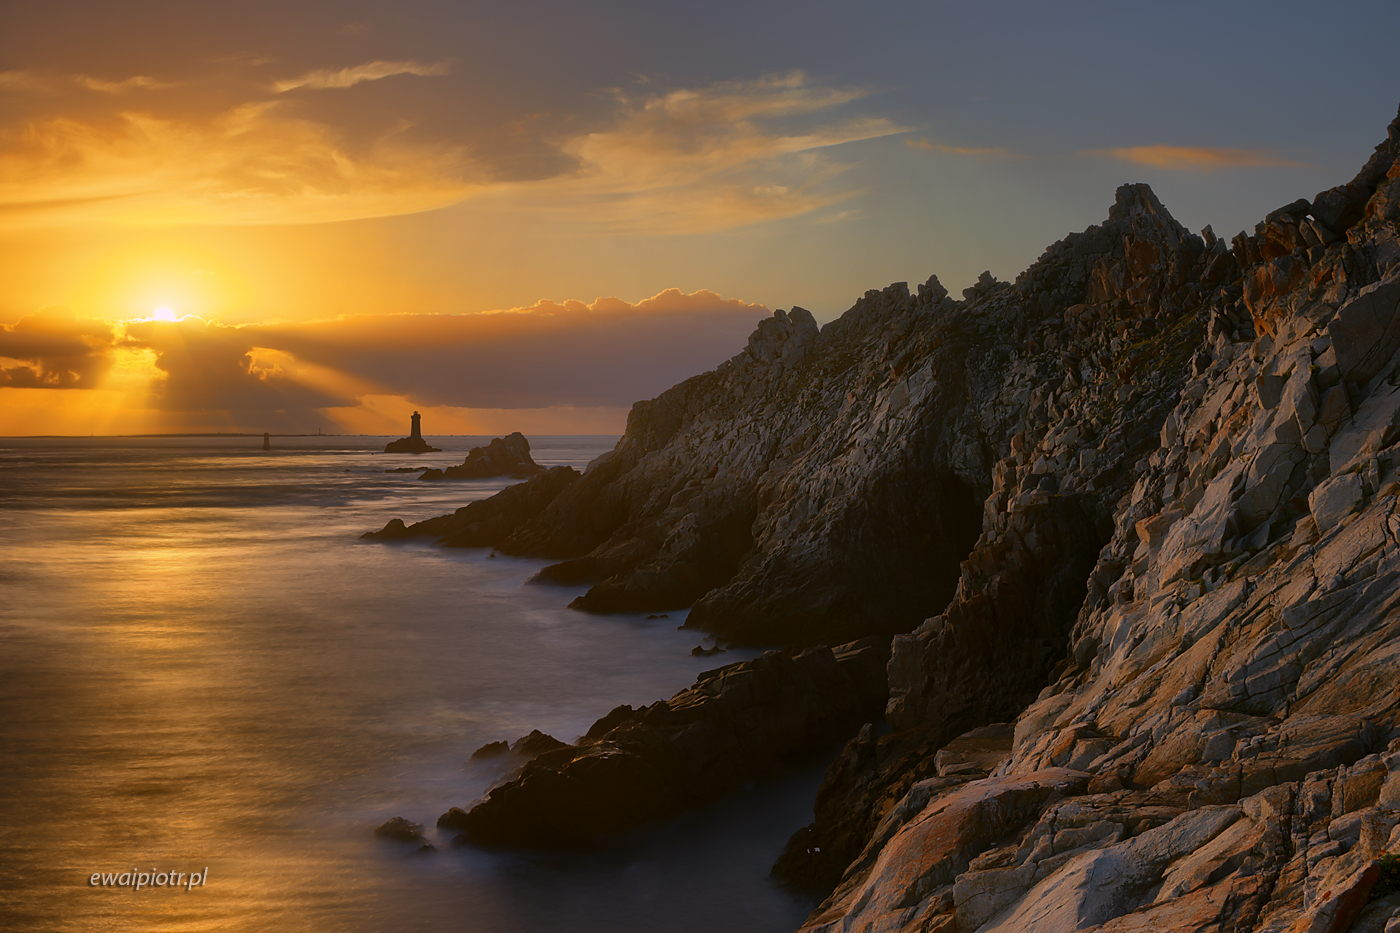 Pointe du Raz o zachodzie, Bretania